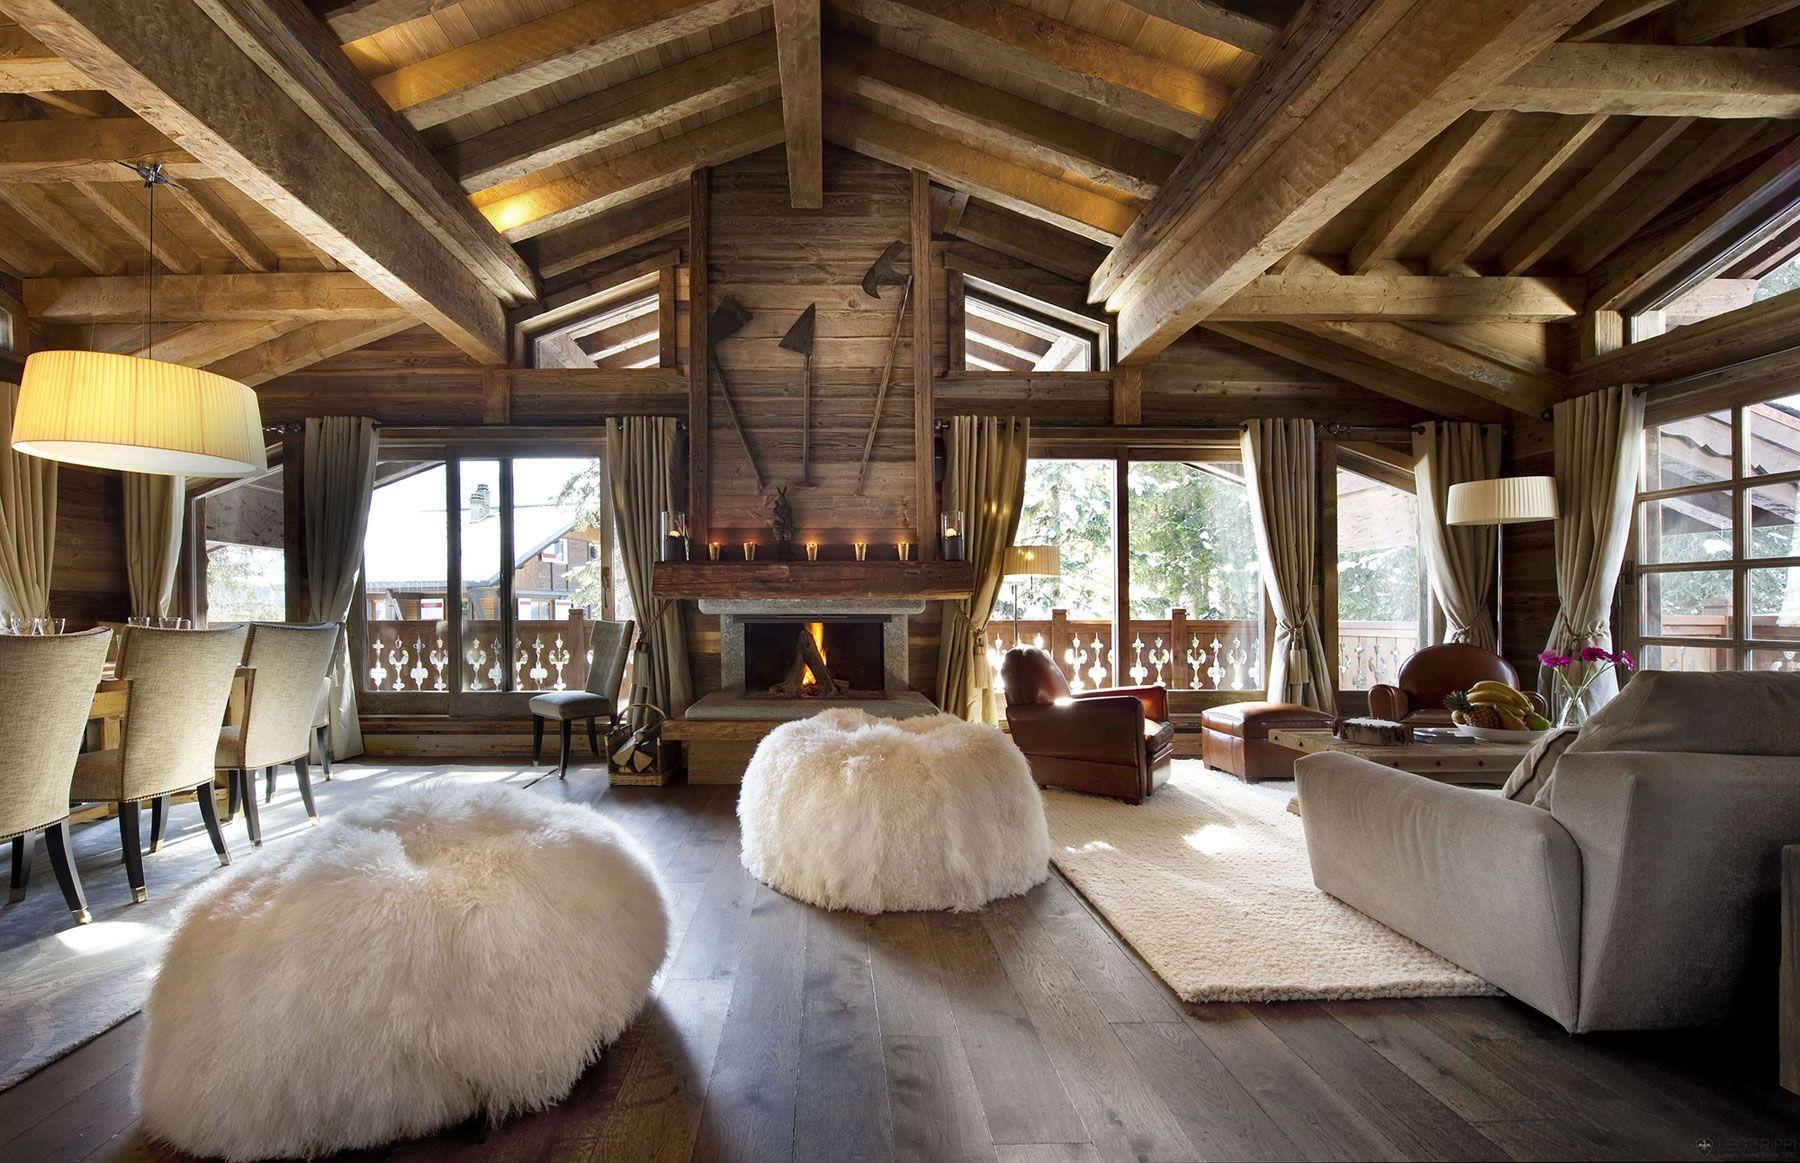 70 Moderne, Innovative Luxus Interieur Ideen Fürs Wohnzimmer   Wohnbereich  Essbereich Pelz Hocker Idee Design